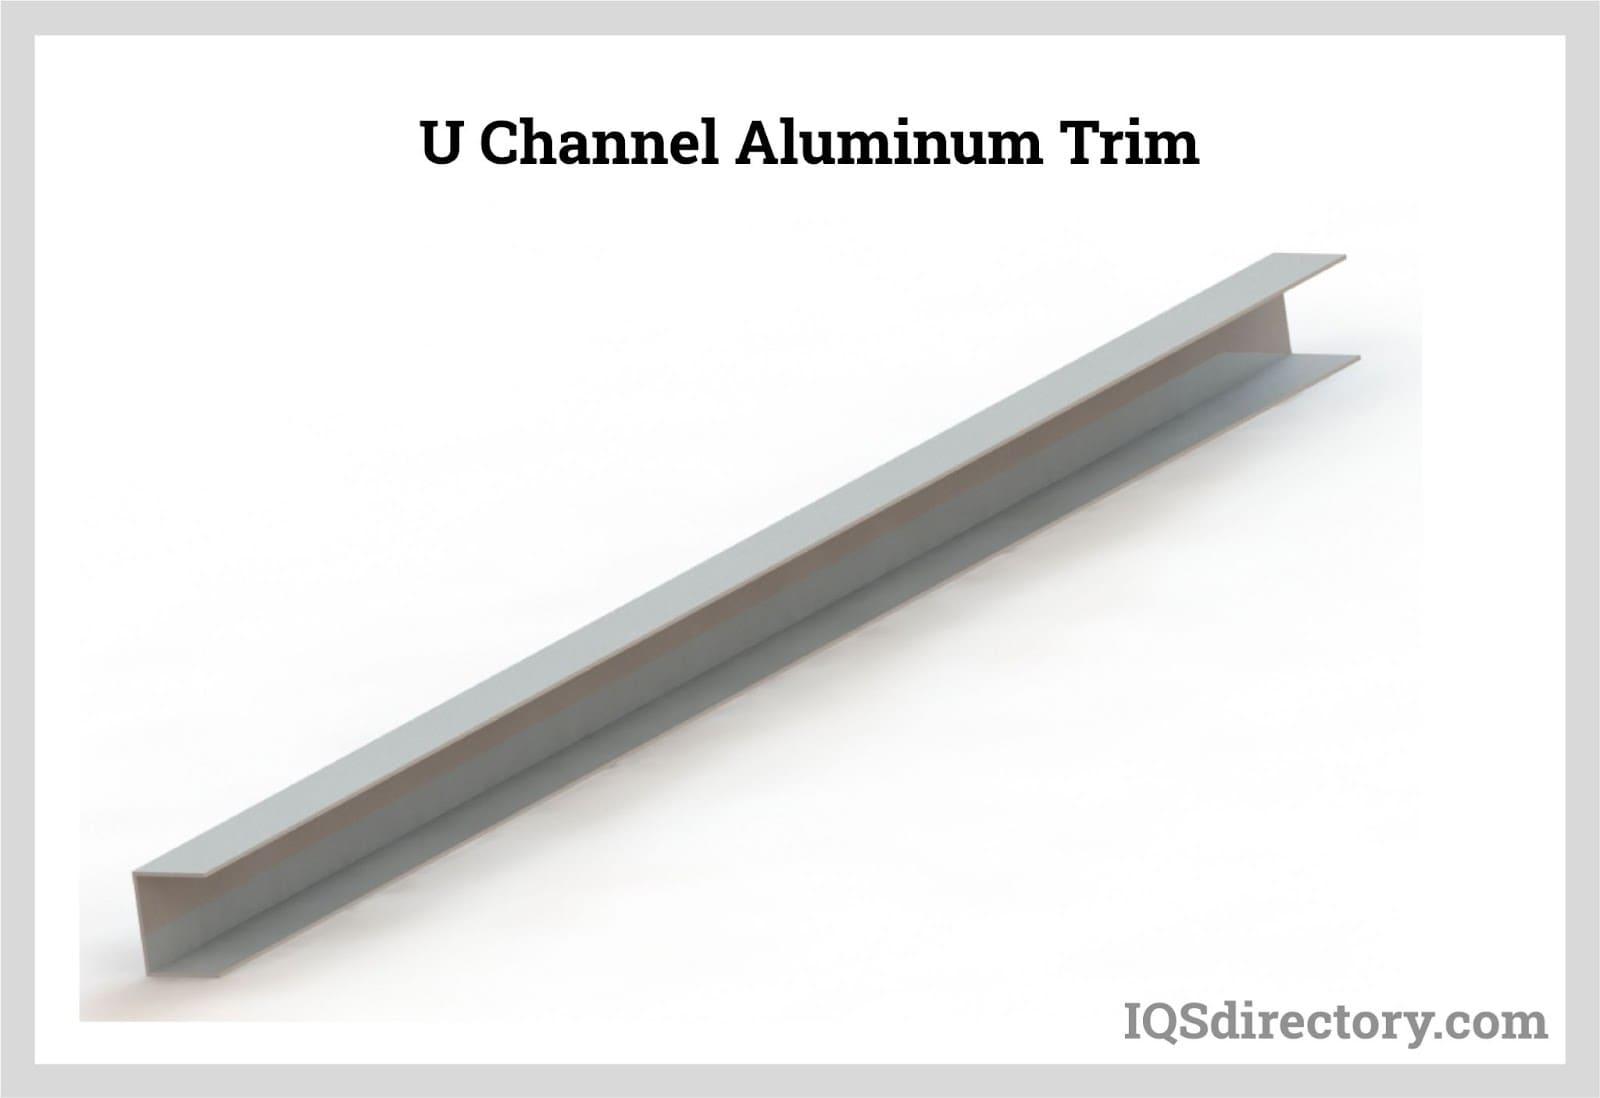 U Channel Aluminum Trim